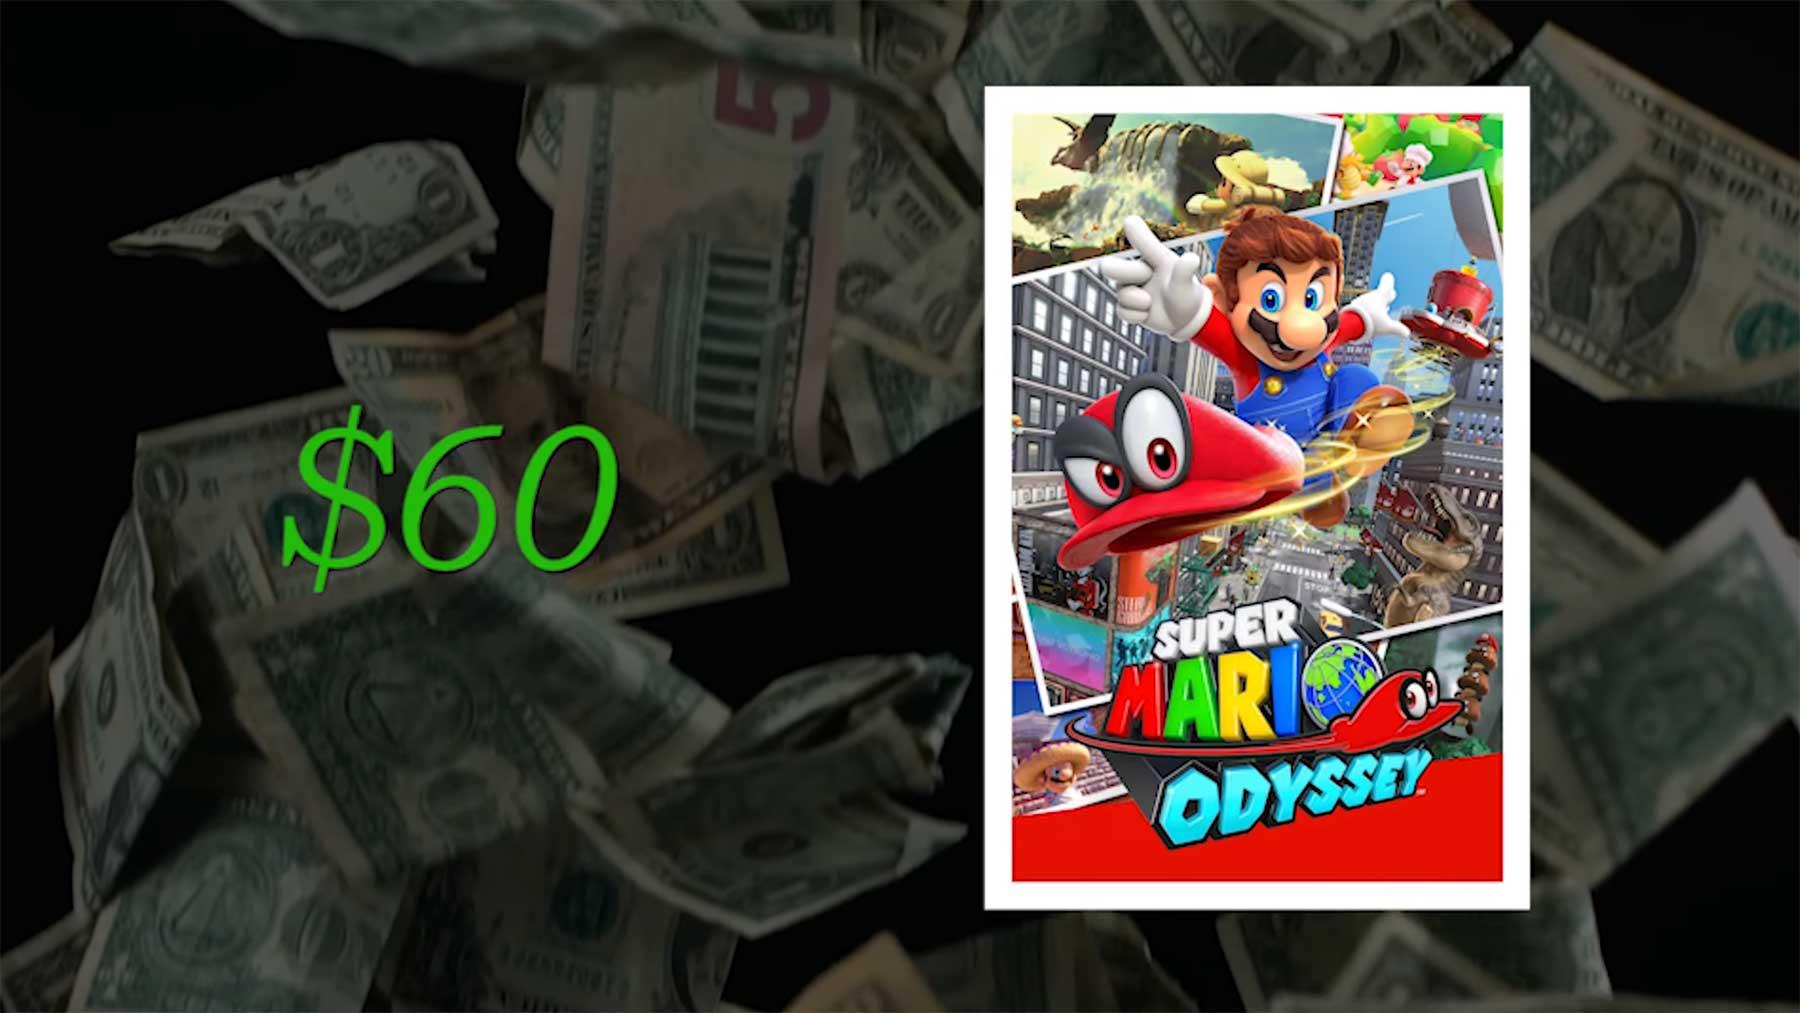 videogamedunkey über die Preise von Videospielen